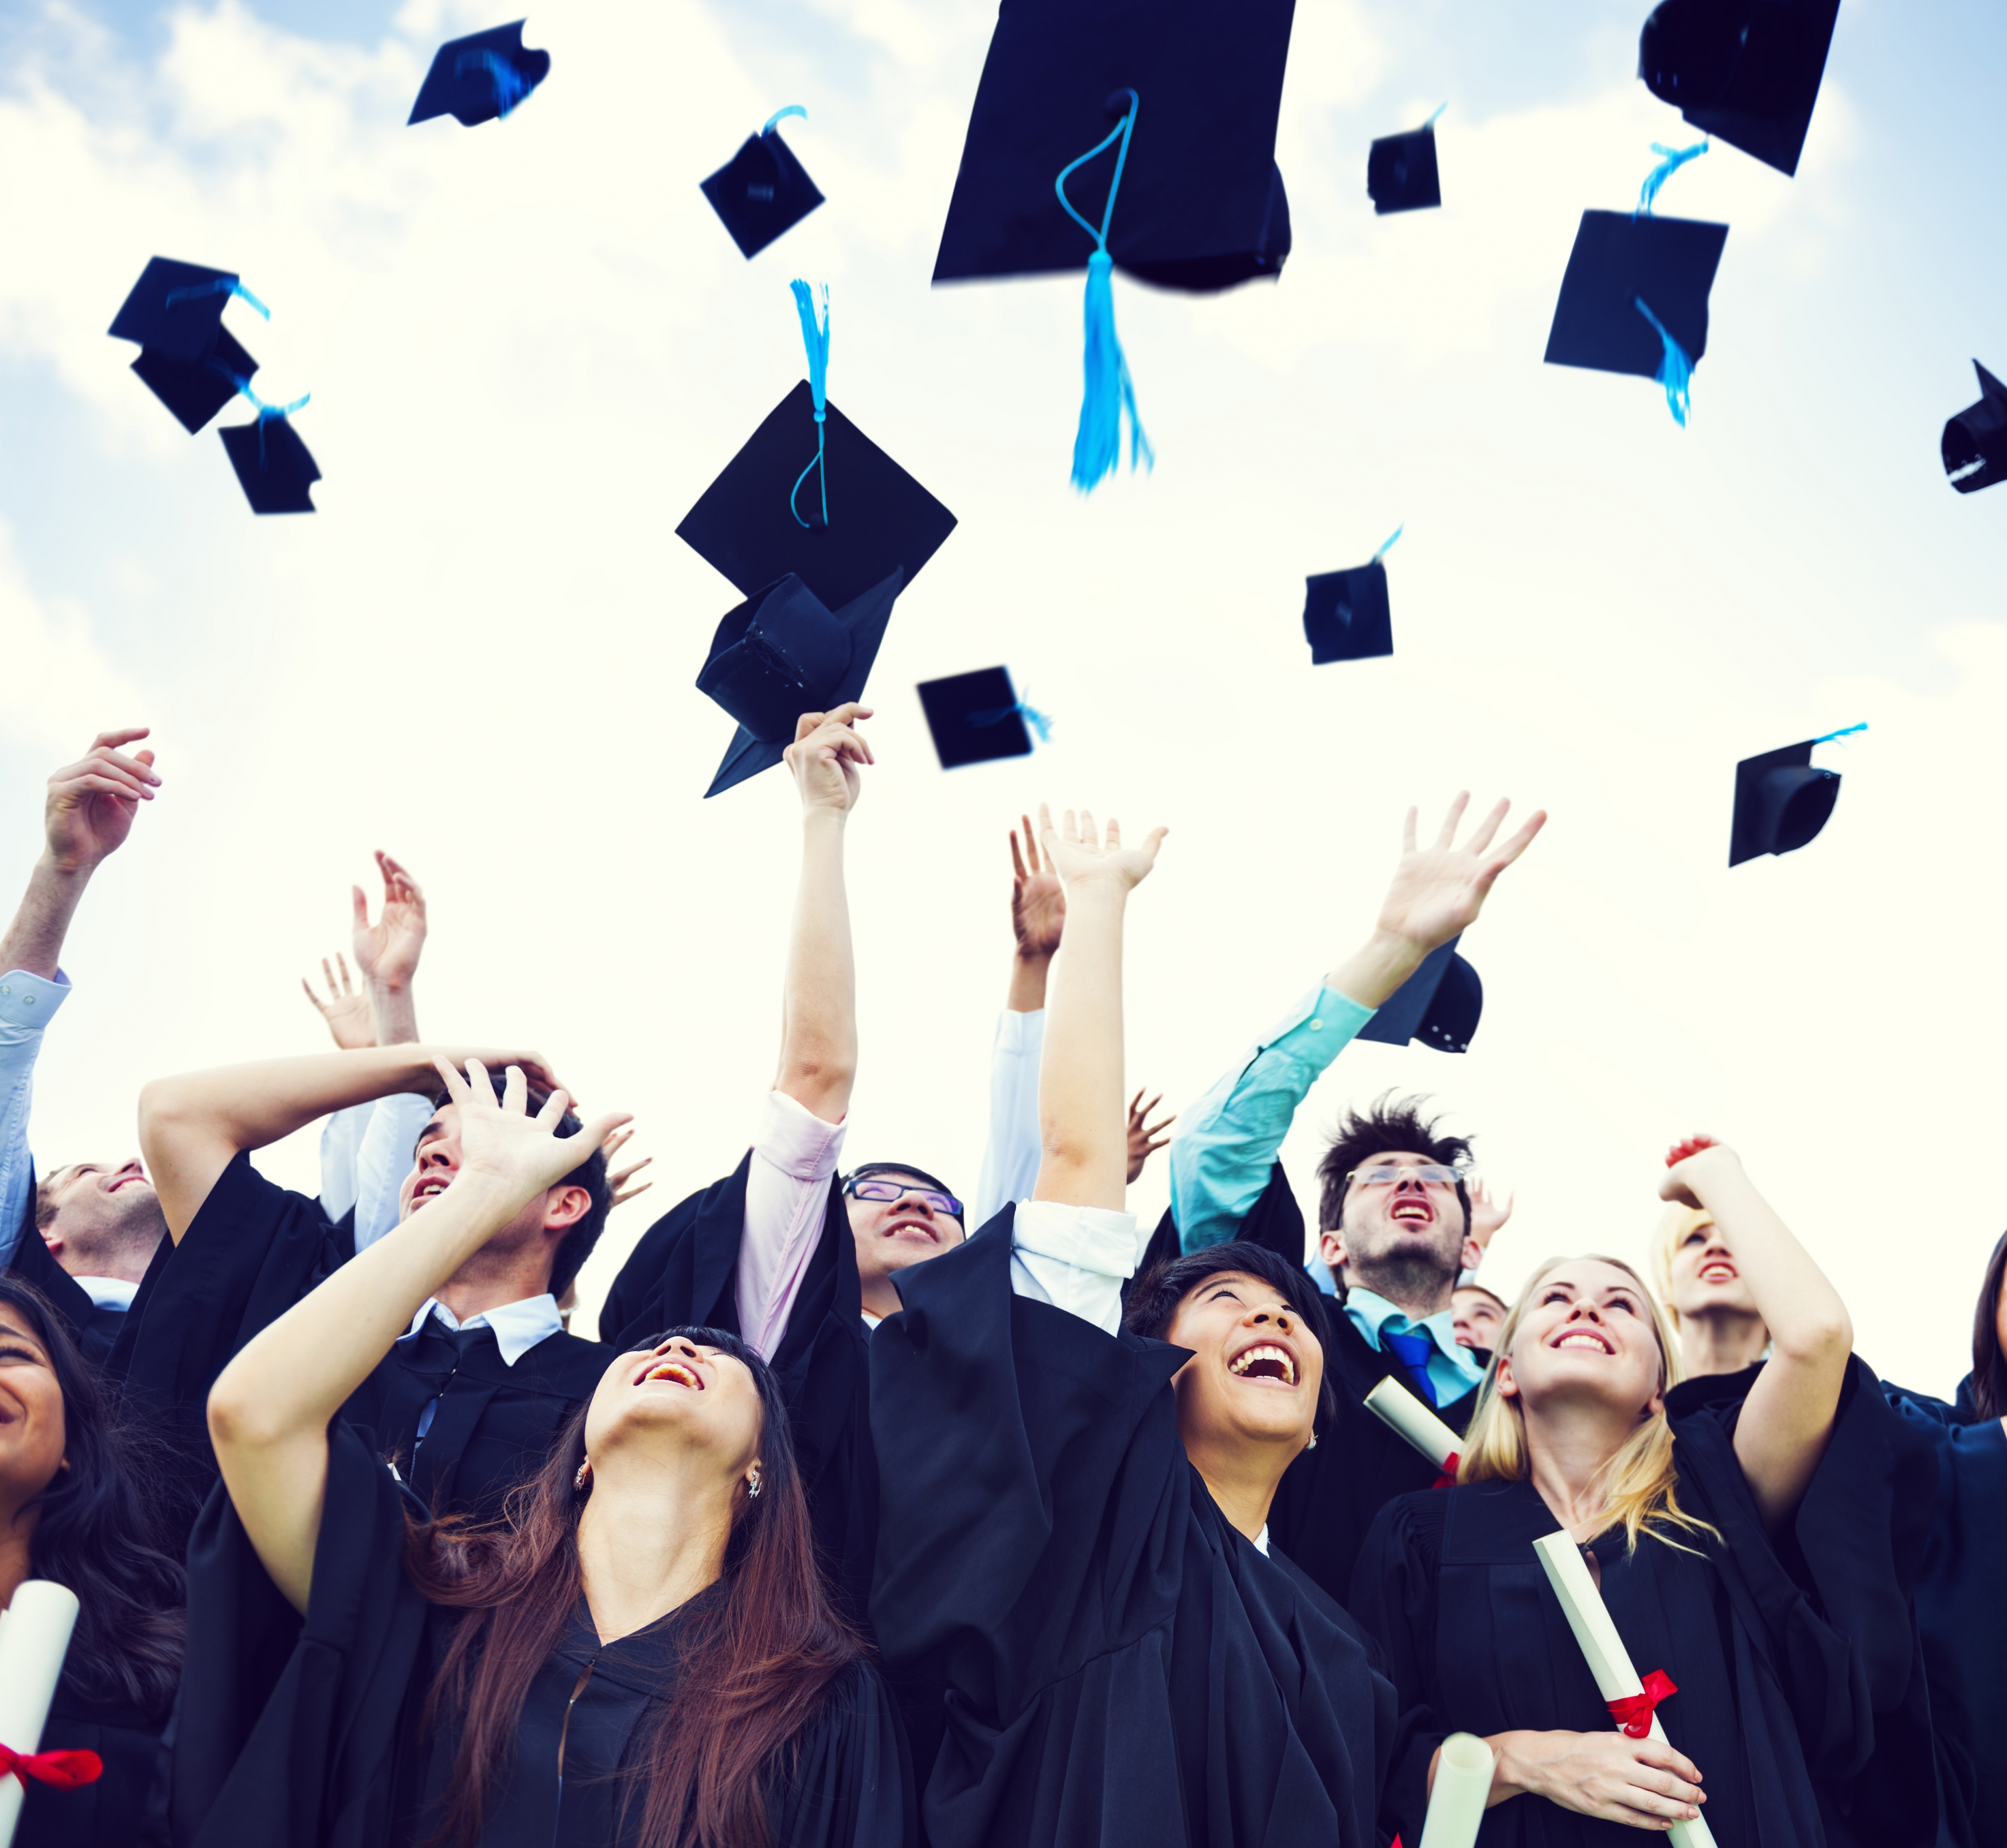 超火的毕业照卡点视频,十秒钟教你搞定!